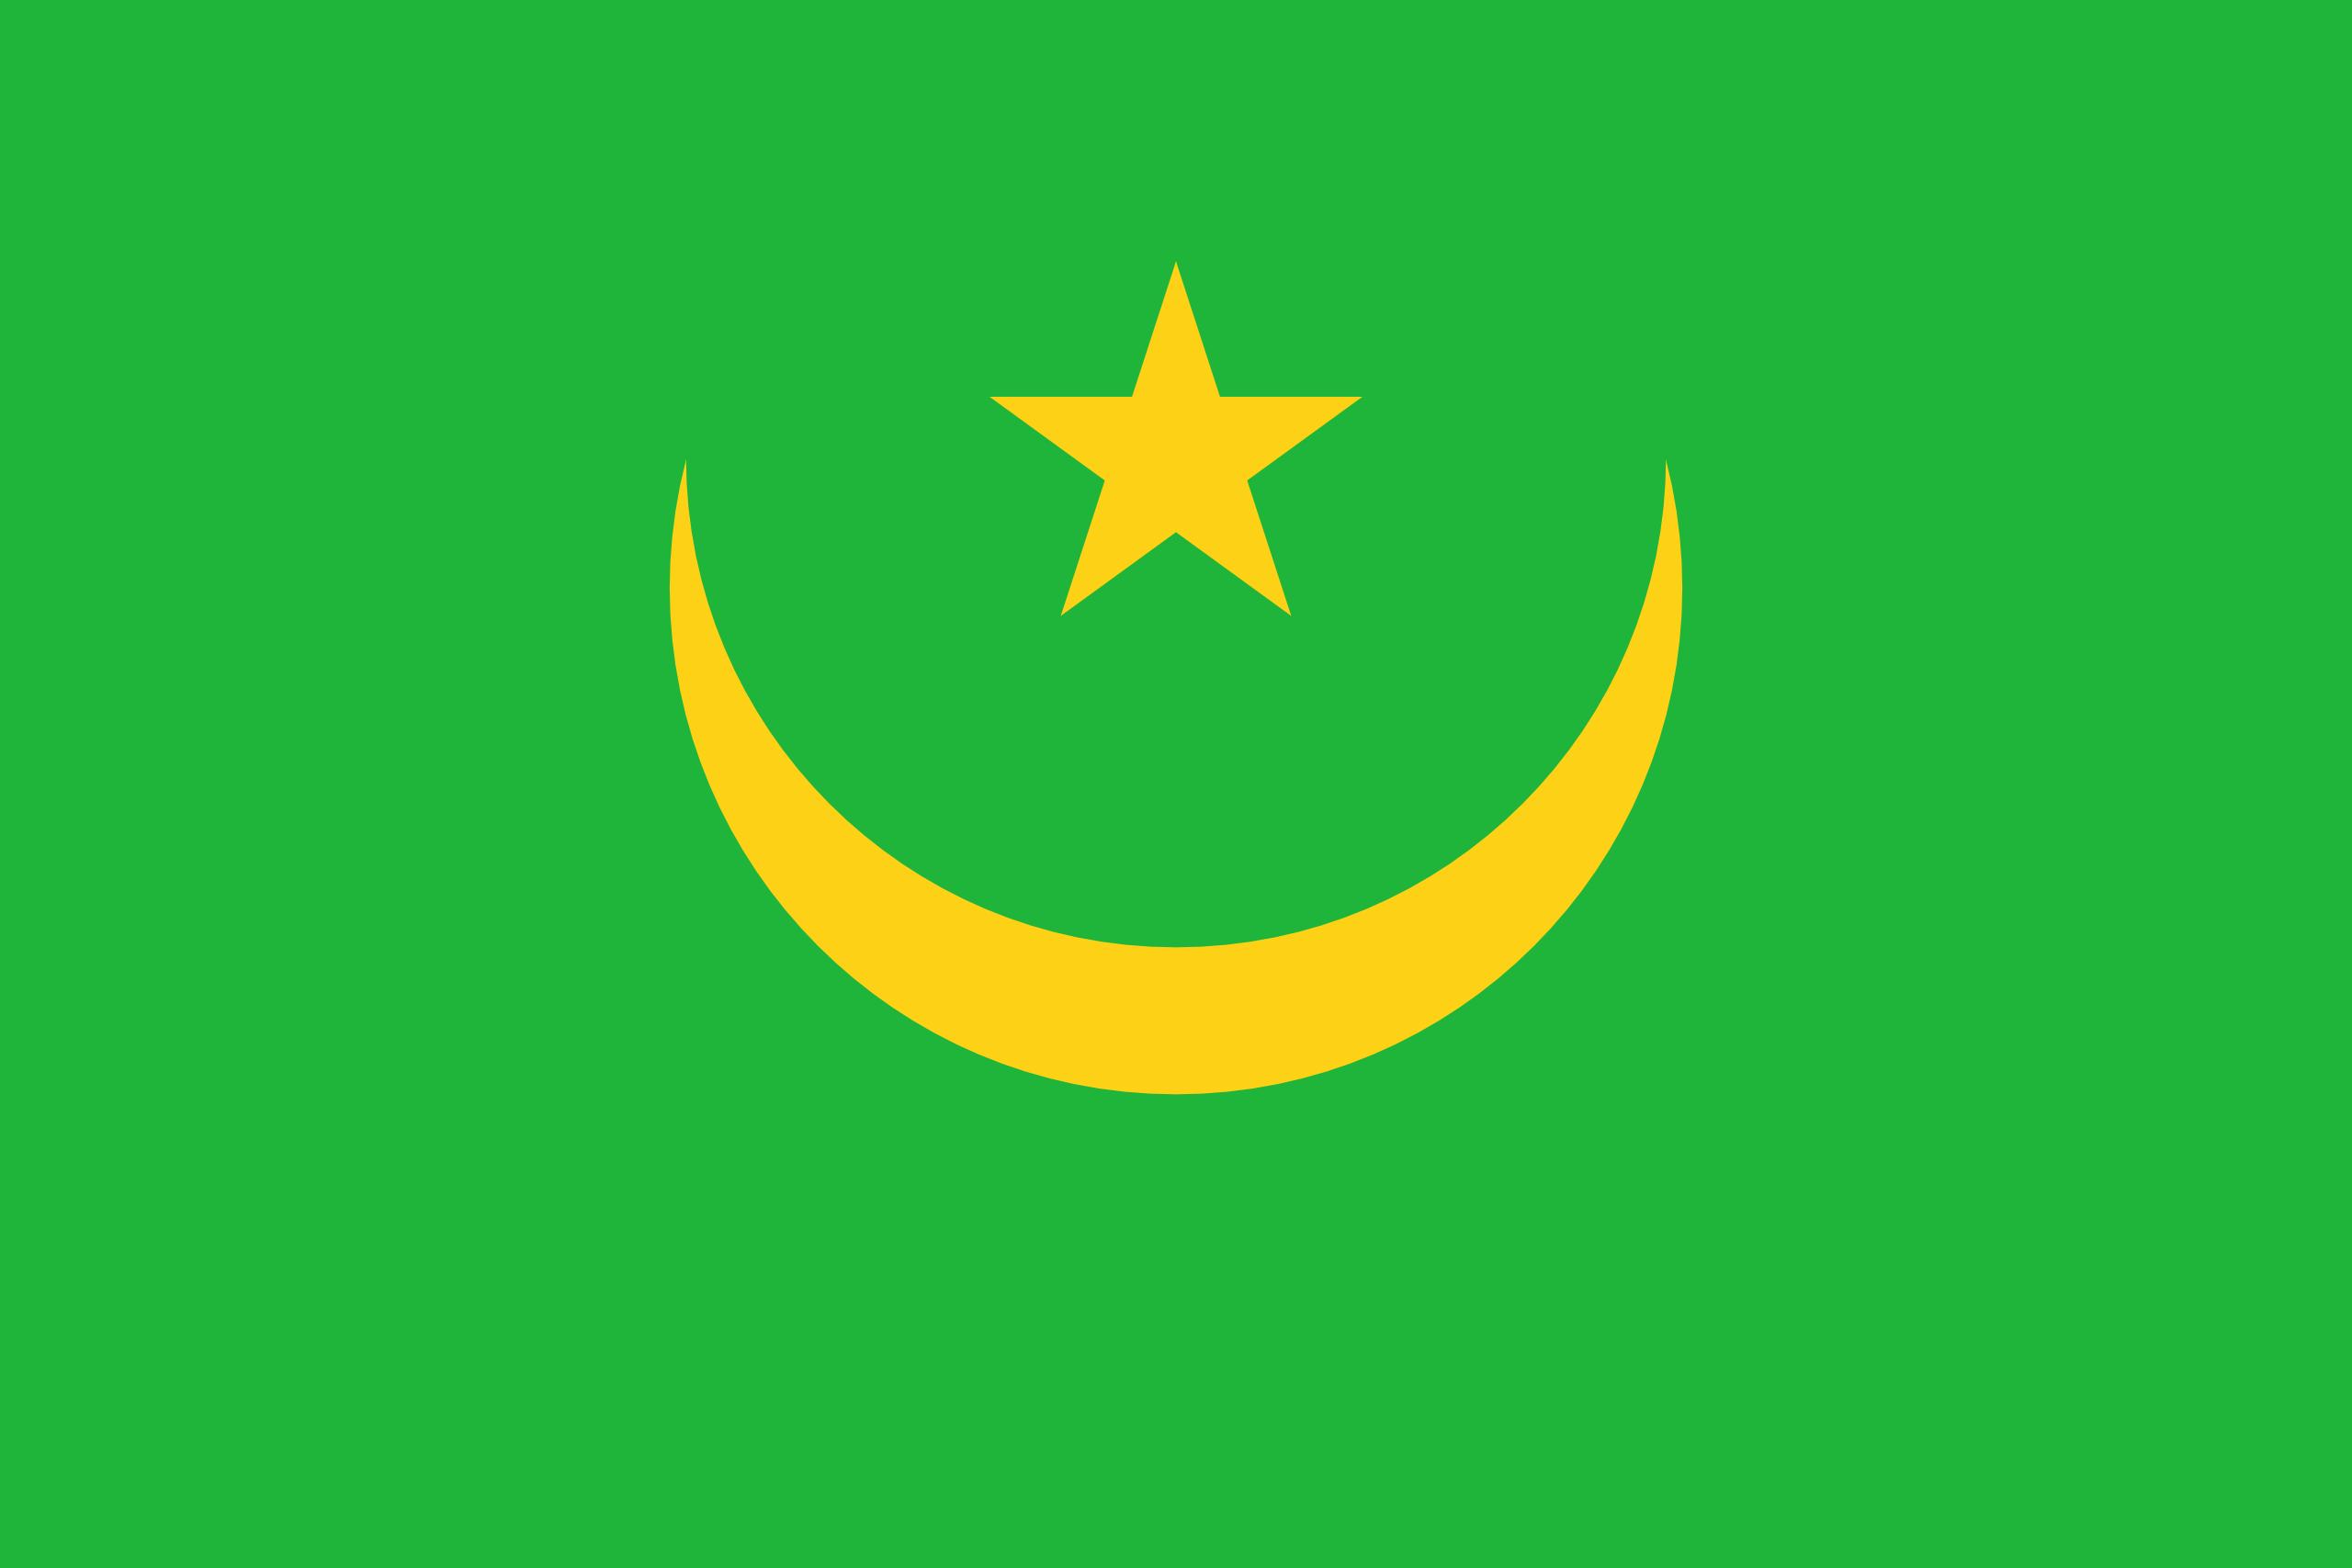 mauritania, Land, Emblem, Logo, Symbol - Wallpaper HD - Prof.-falken.com